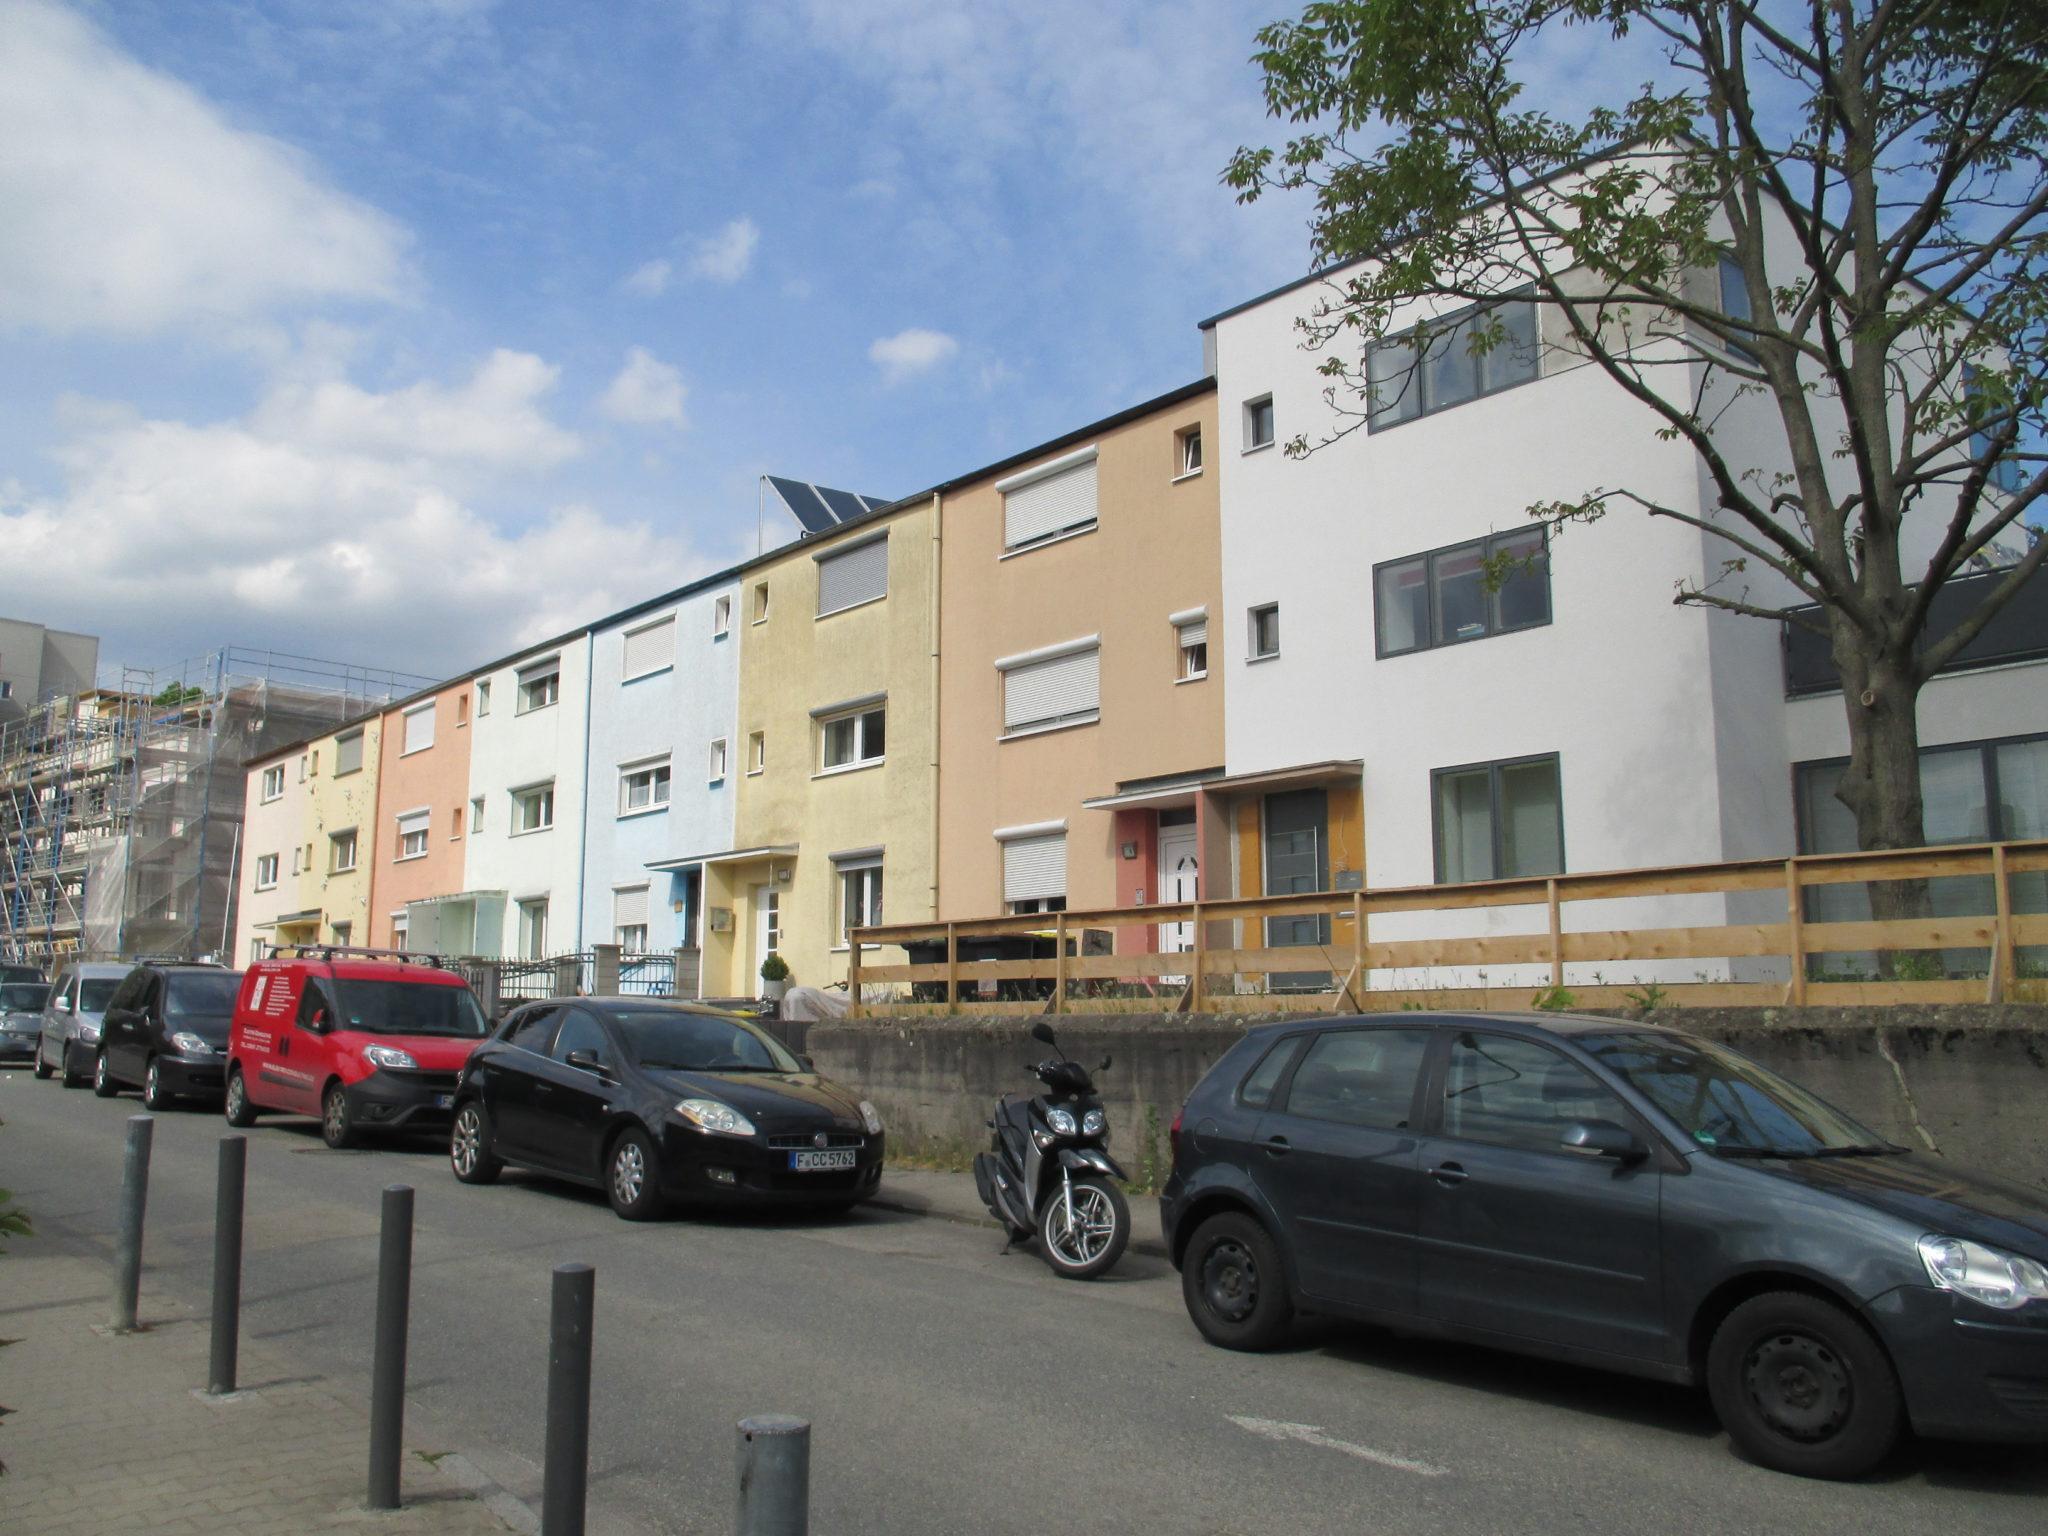 Siedlung Engelsruhe in Unterliederbach